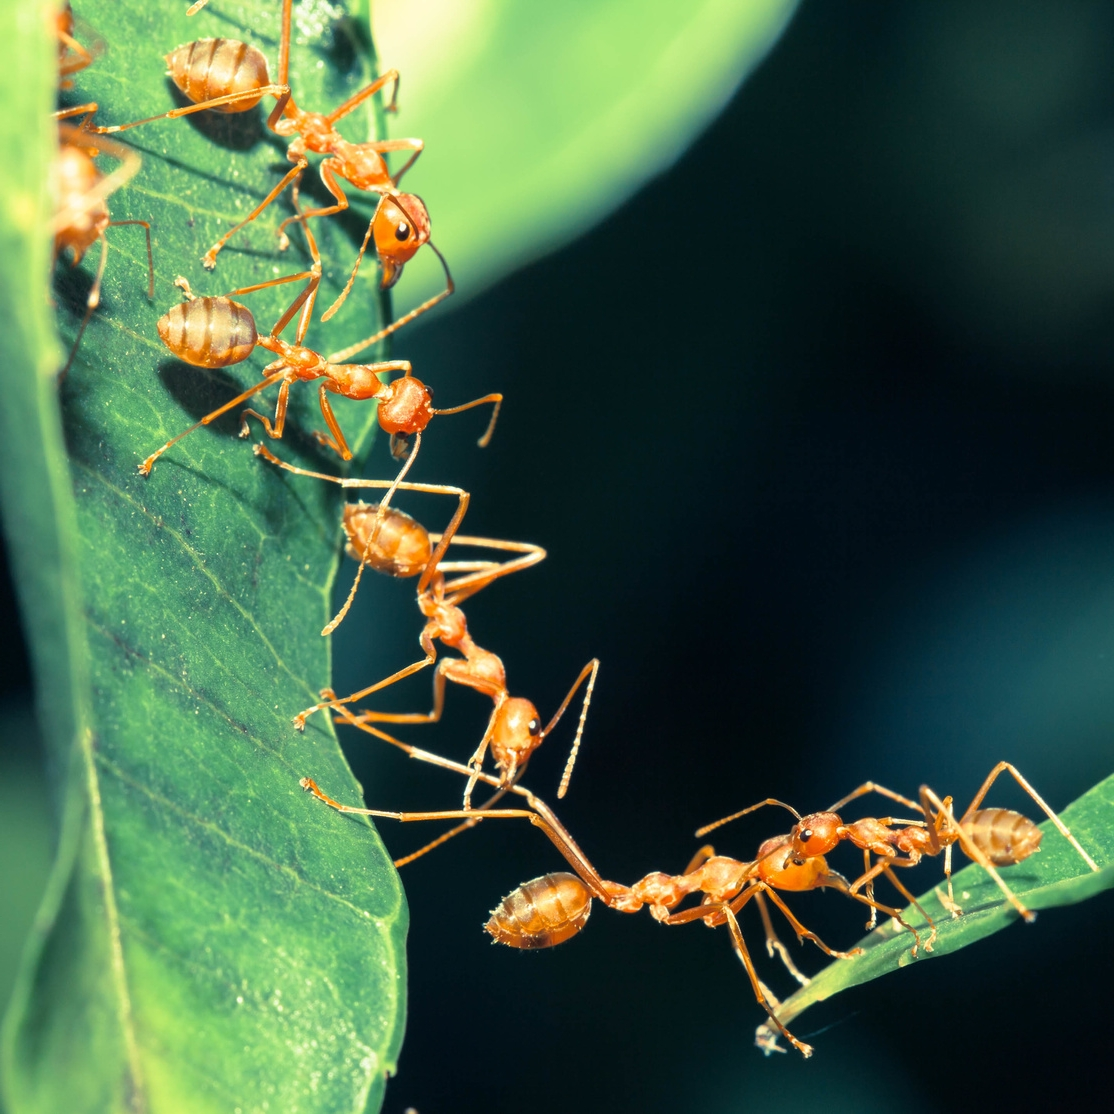 ants on leaves